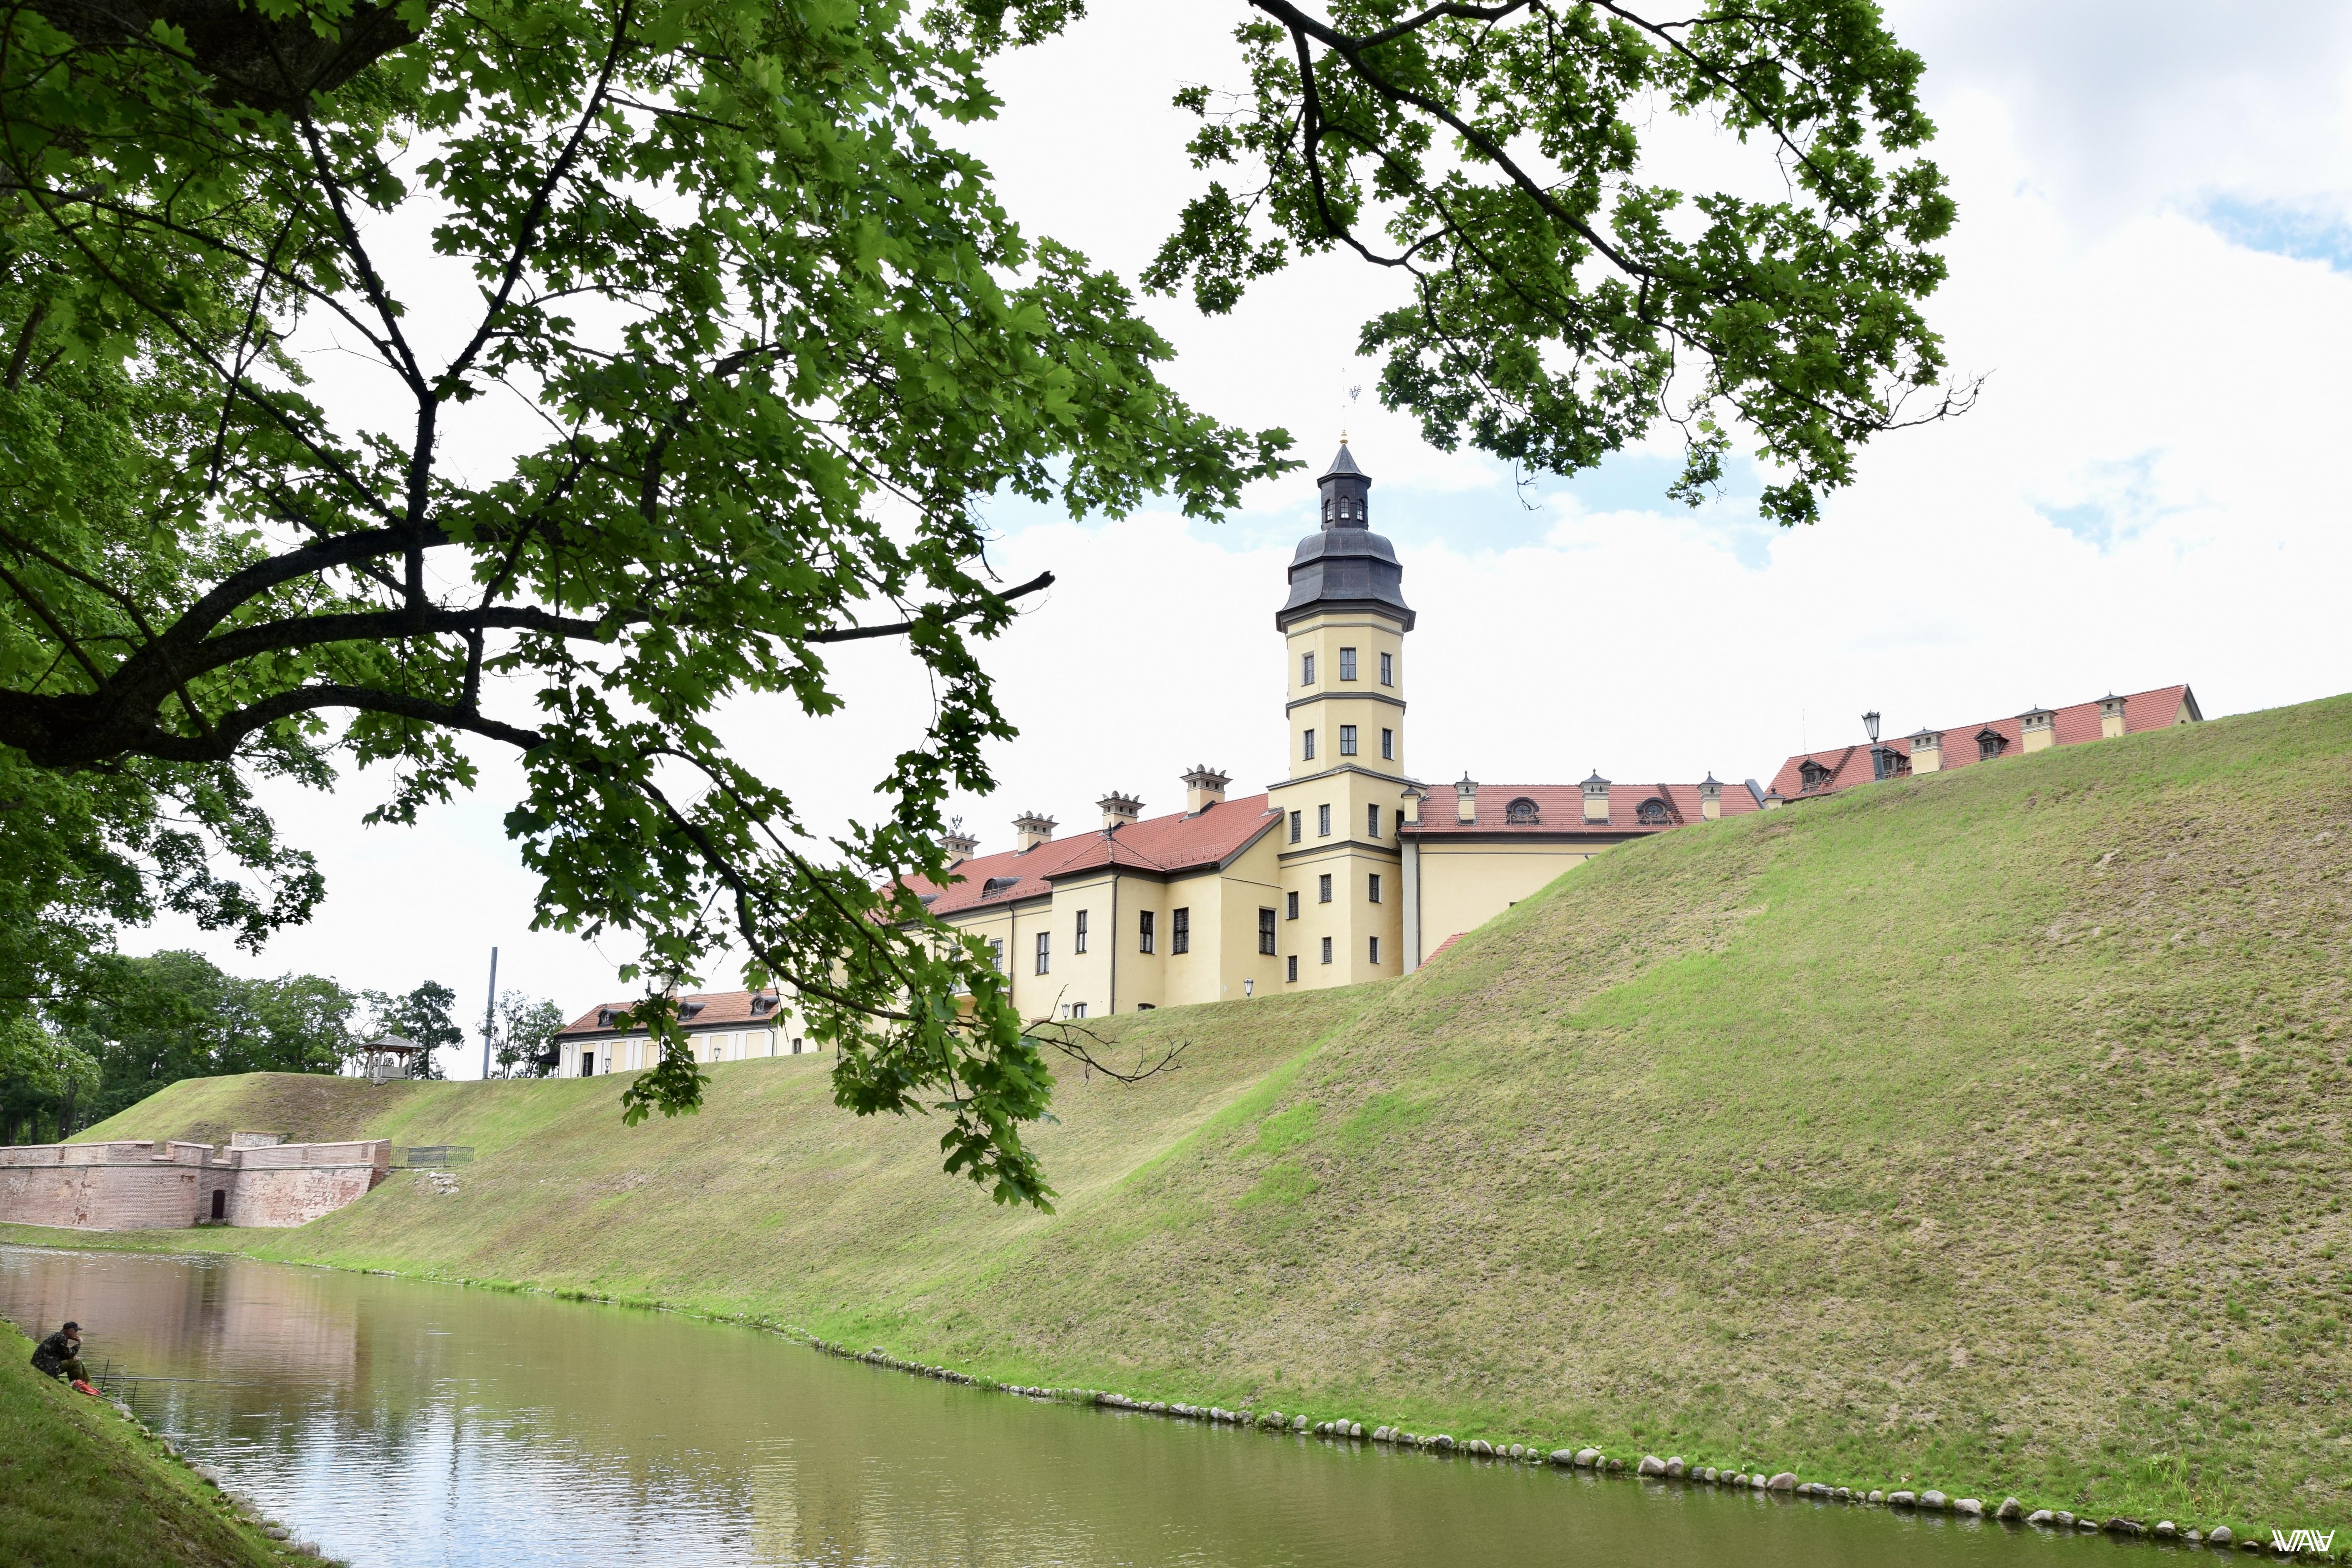 Невысокая башенка для беларуской принцессы. Несвижский замок, Несвиж, Беларусь